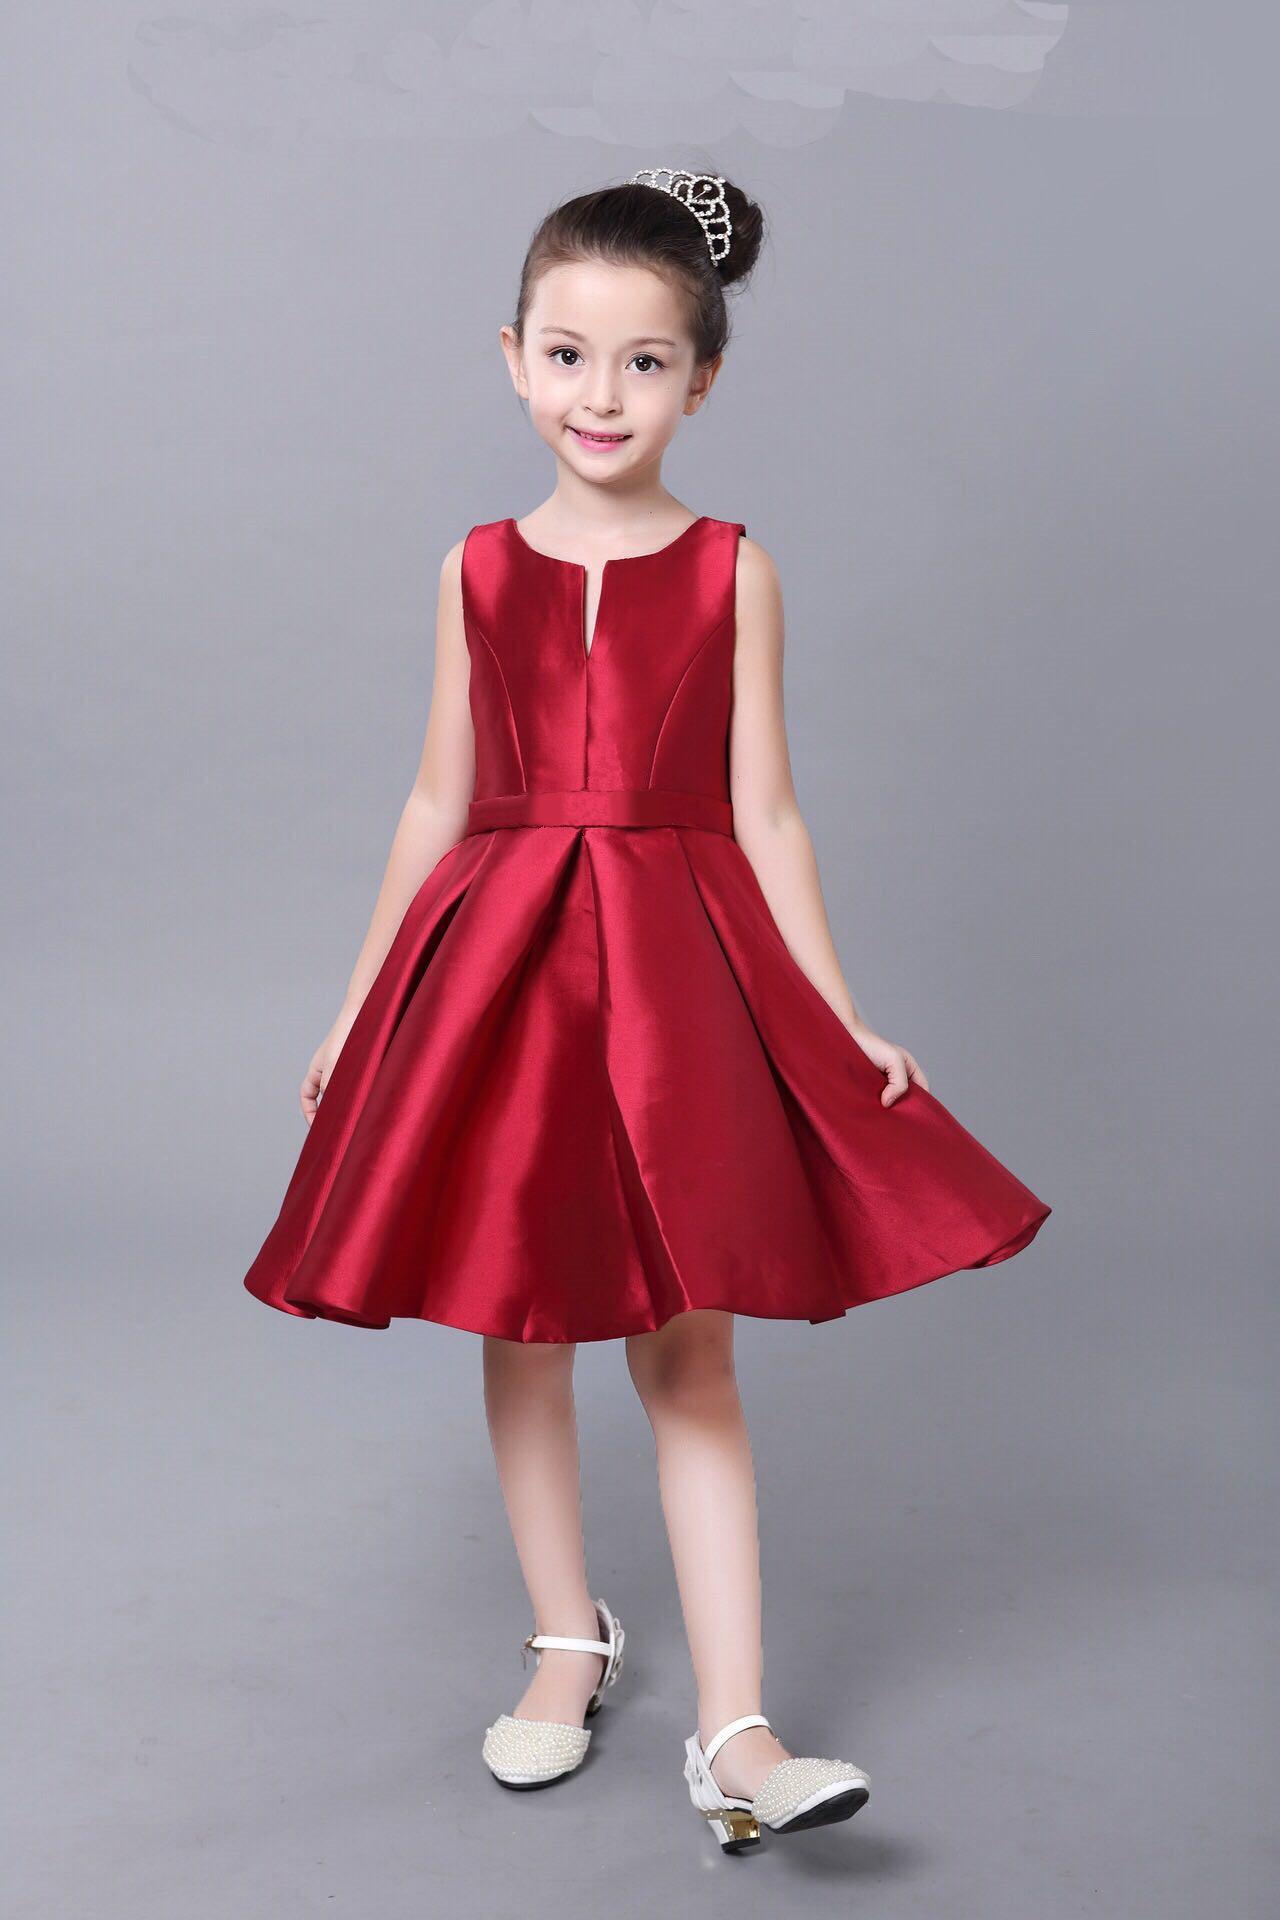 2016春夏欧美高档儿童礼服女童连衣裙公主蓬蓬裙童装厂家一件代发fz23